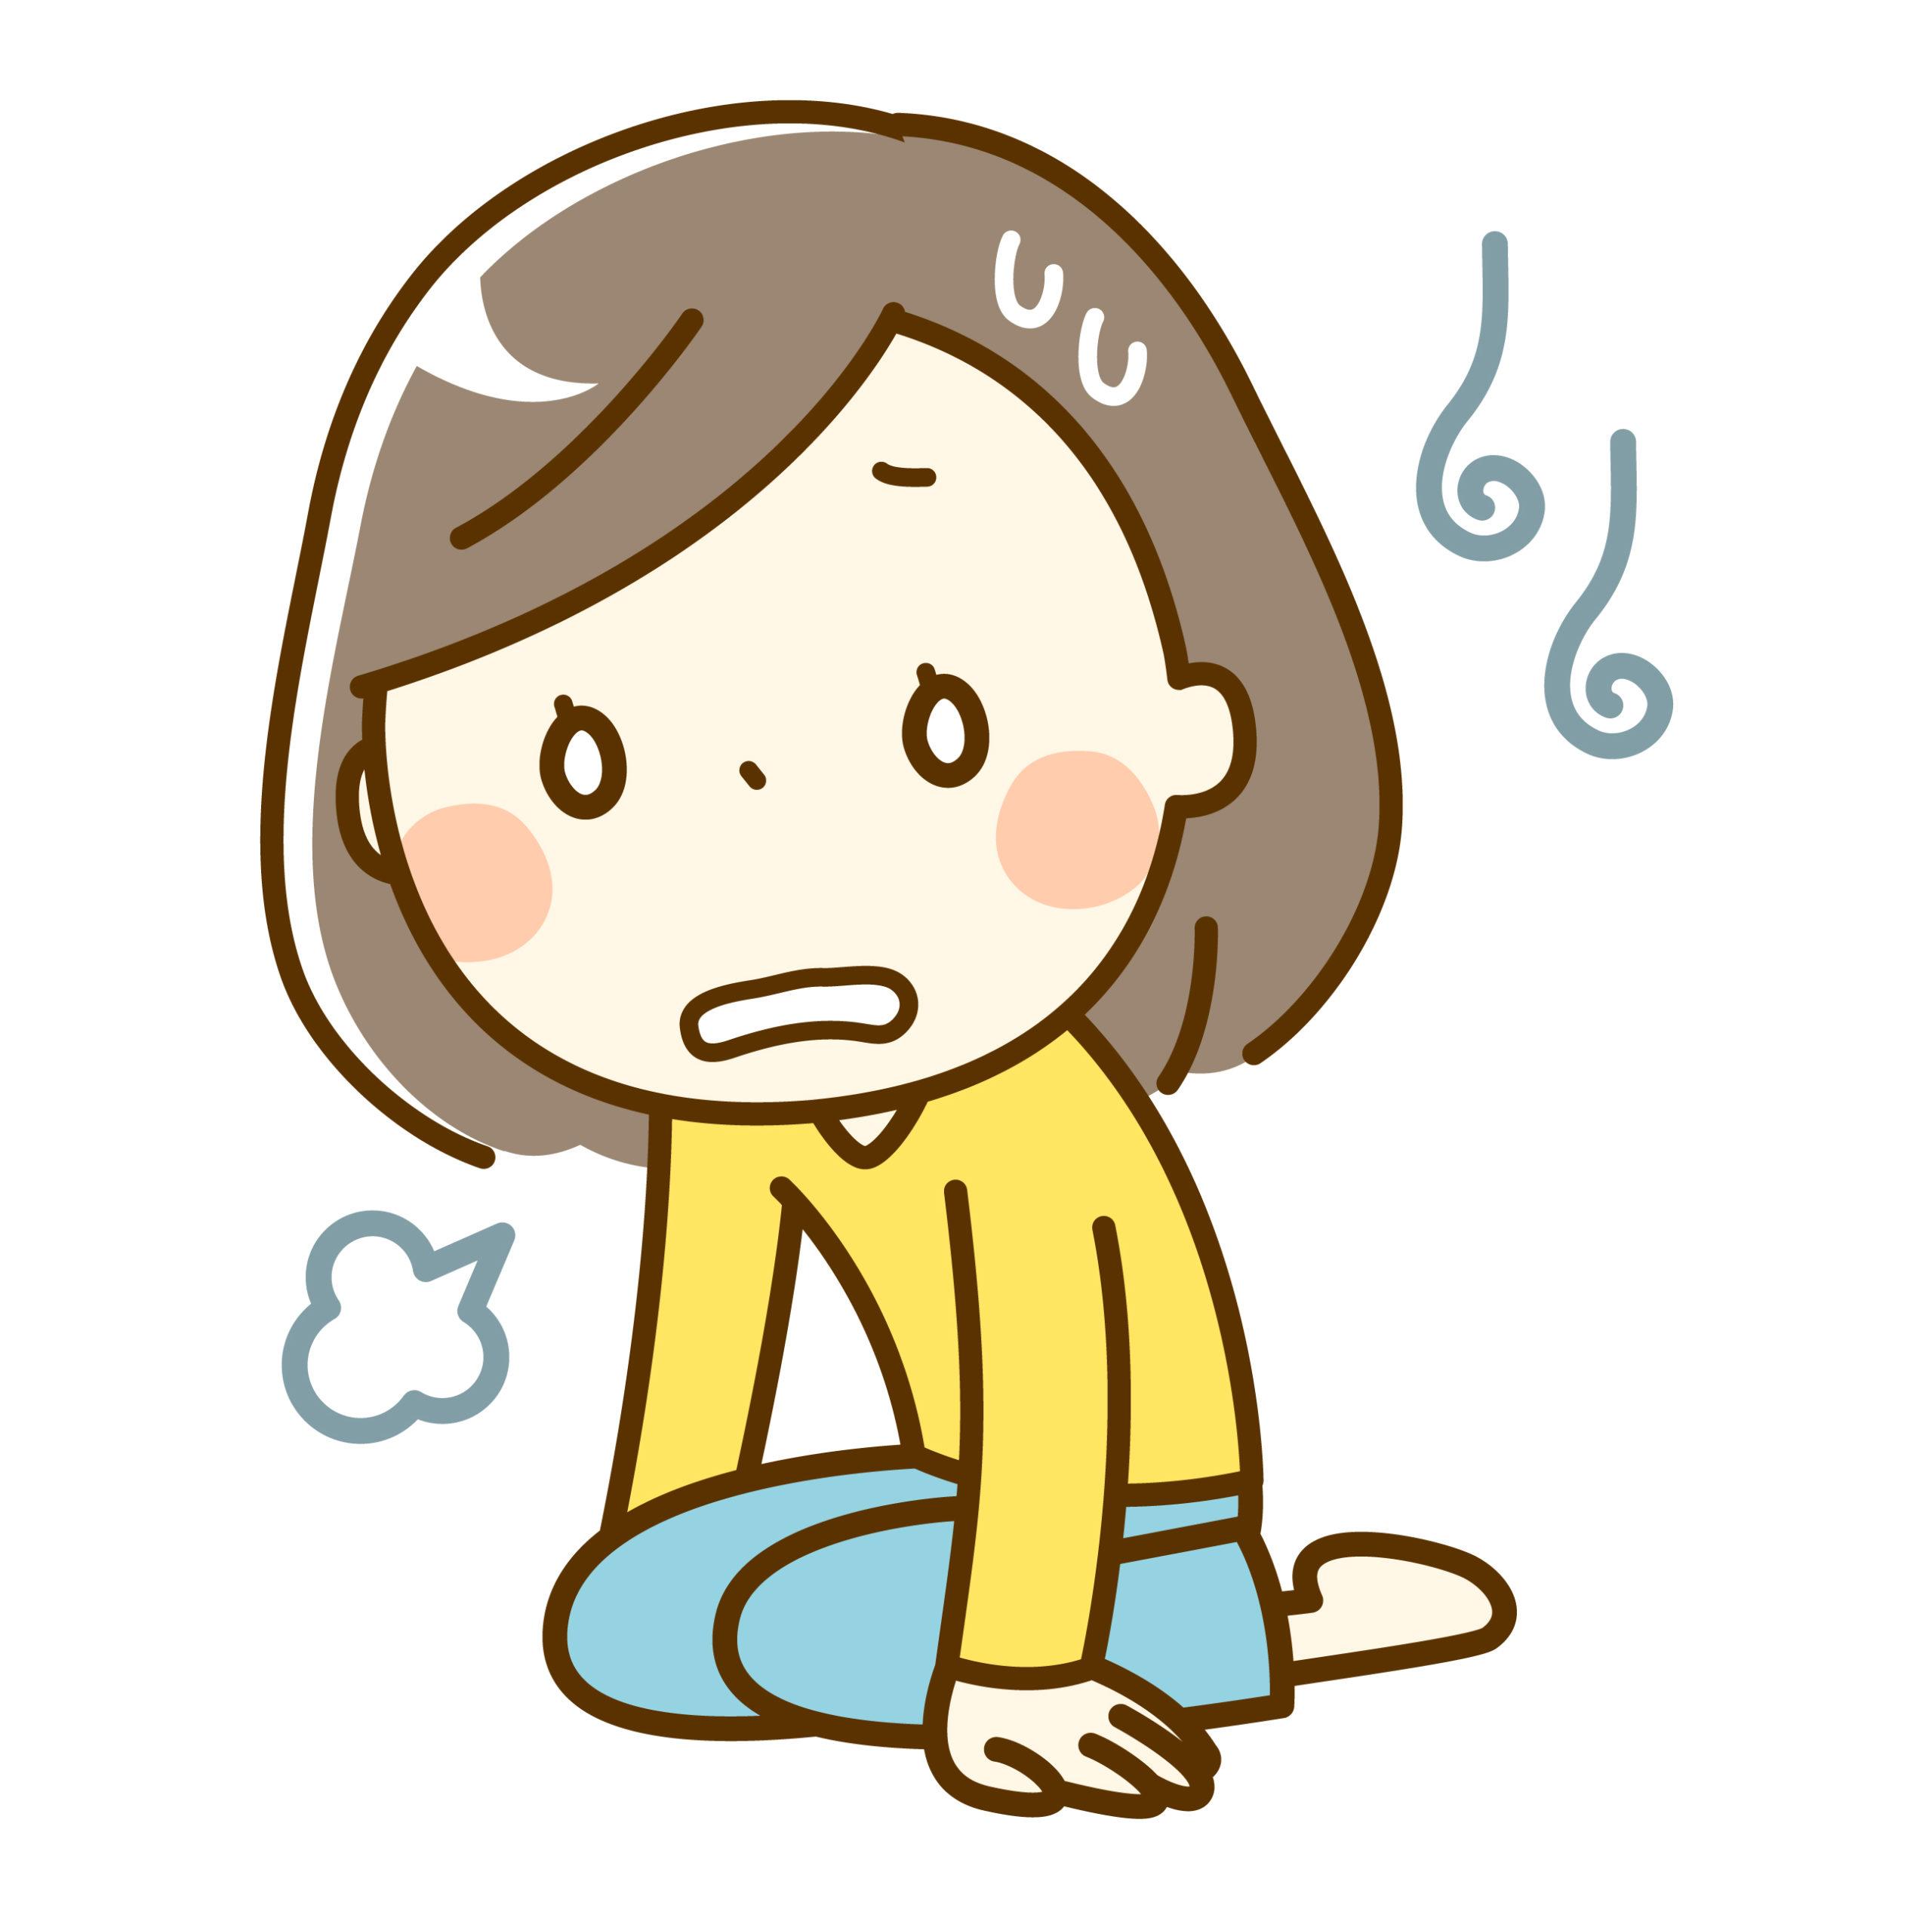 ストレスで落ち込む女の人のイメージ画像